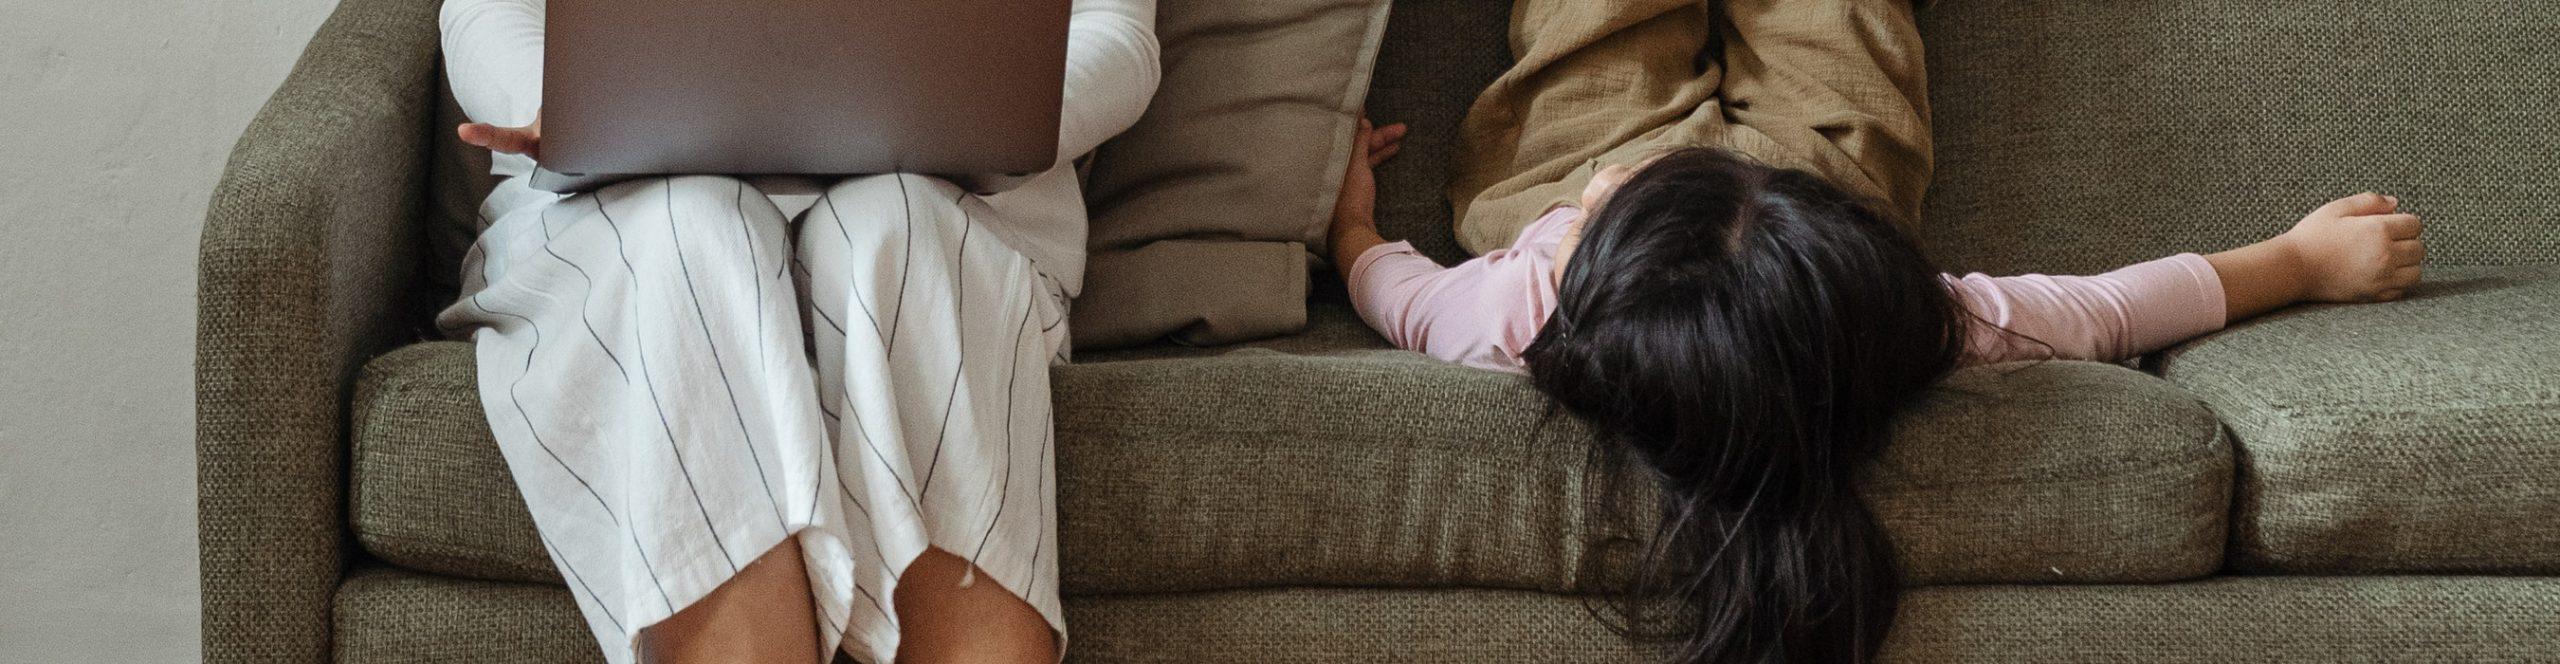 Mães no mercado de trabalho Austrália gera pacote de apoio (2)